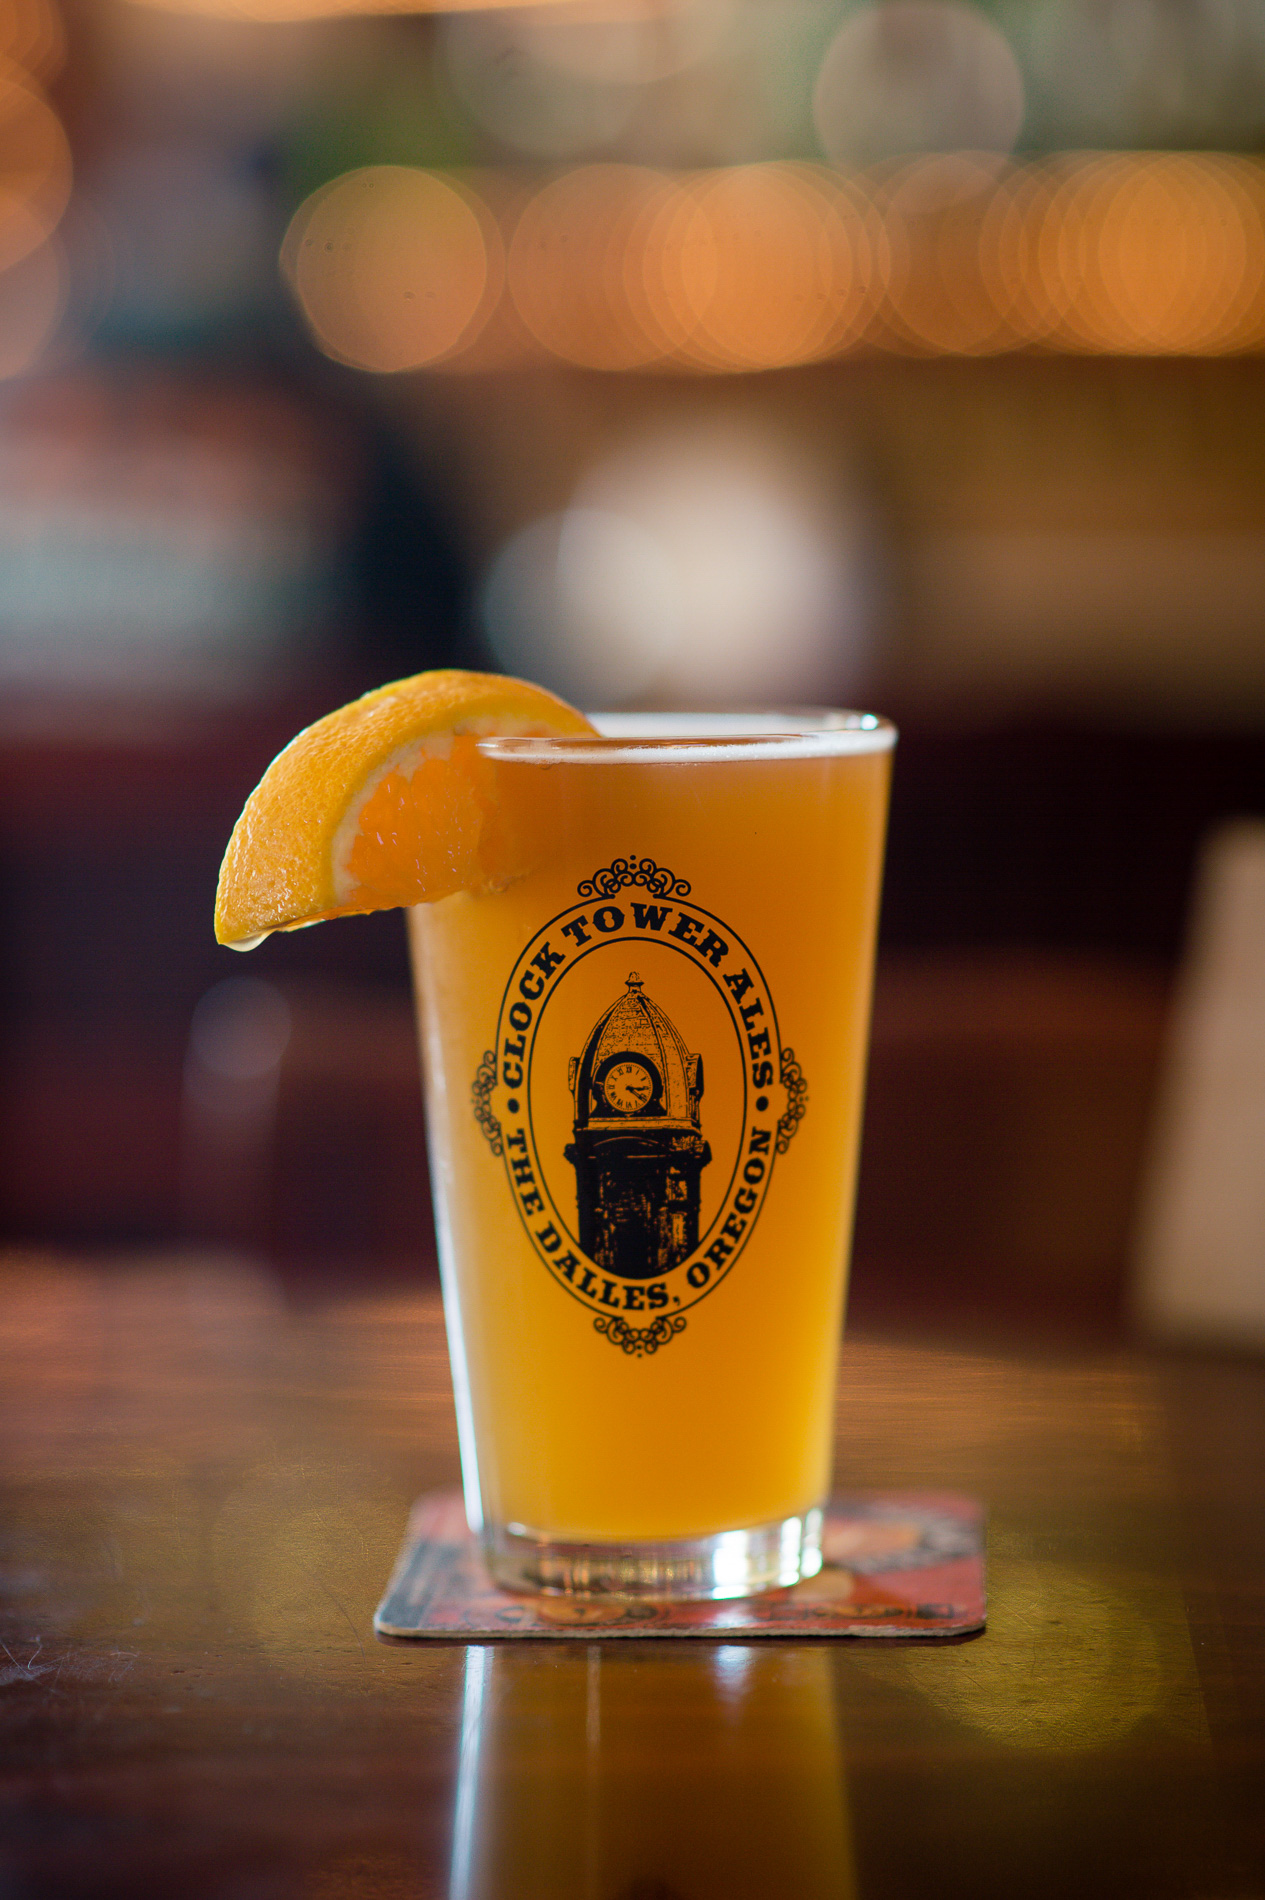 It's Beer O'Clock